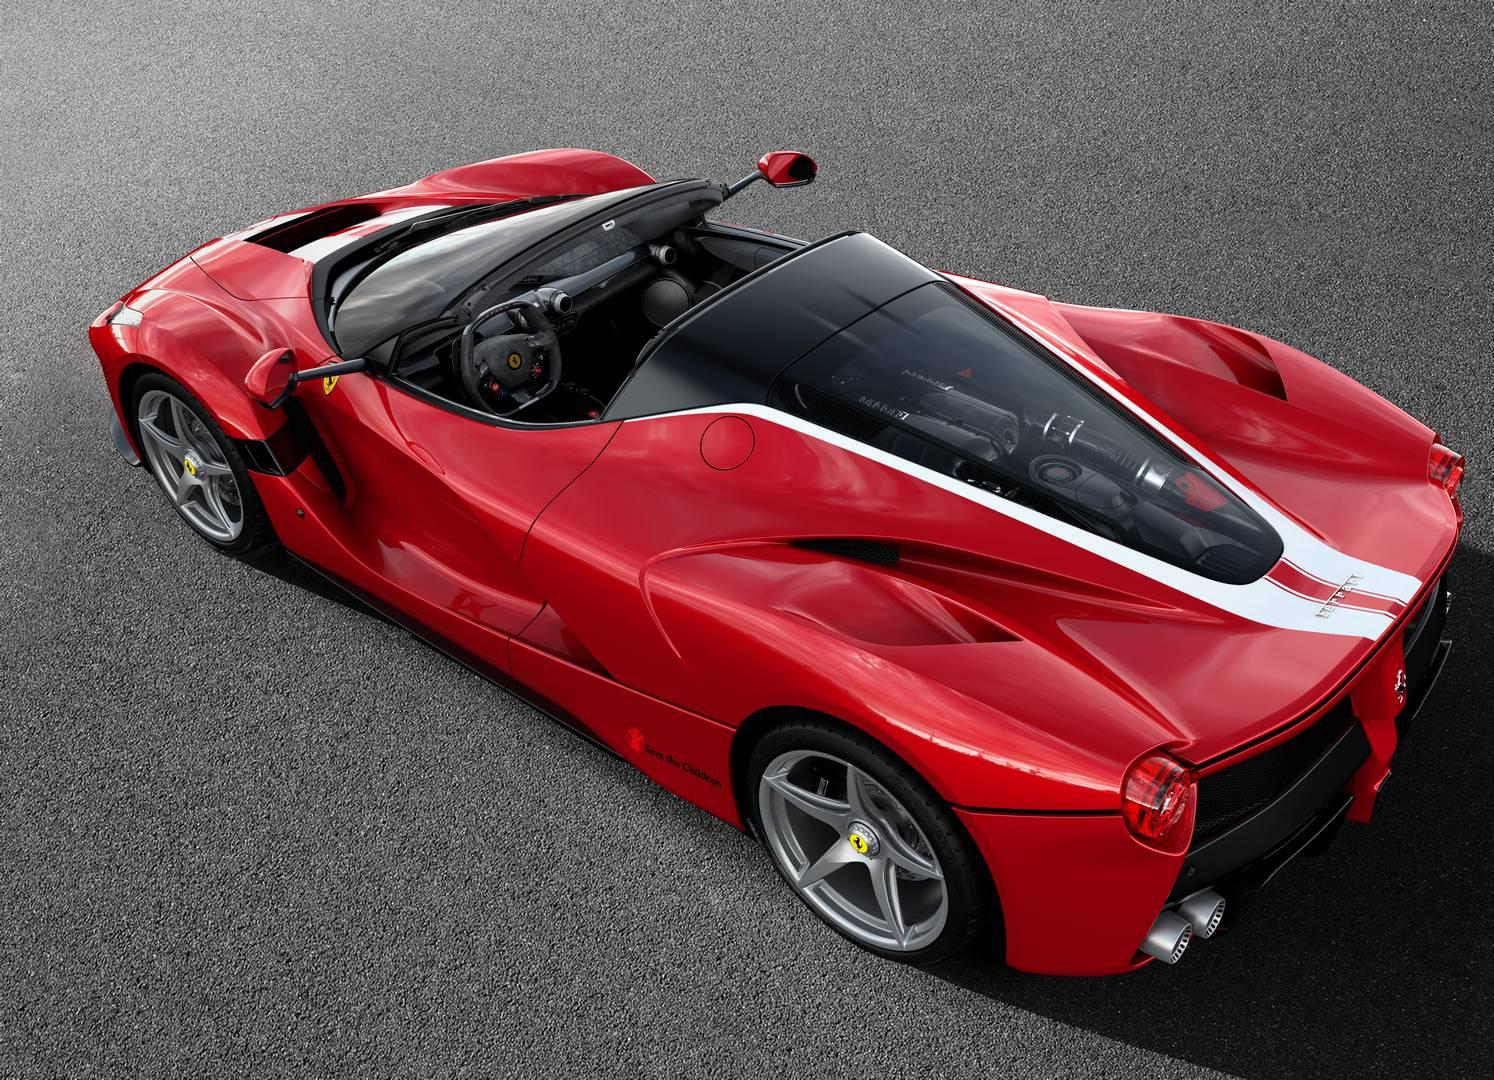 Unique Rosso Fuoco LaFerrari Aperta to be Auctioned for Charity